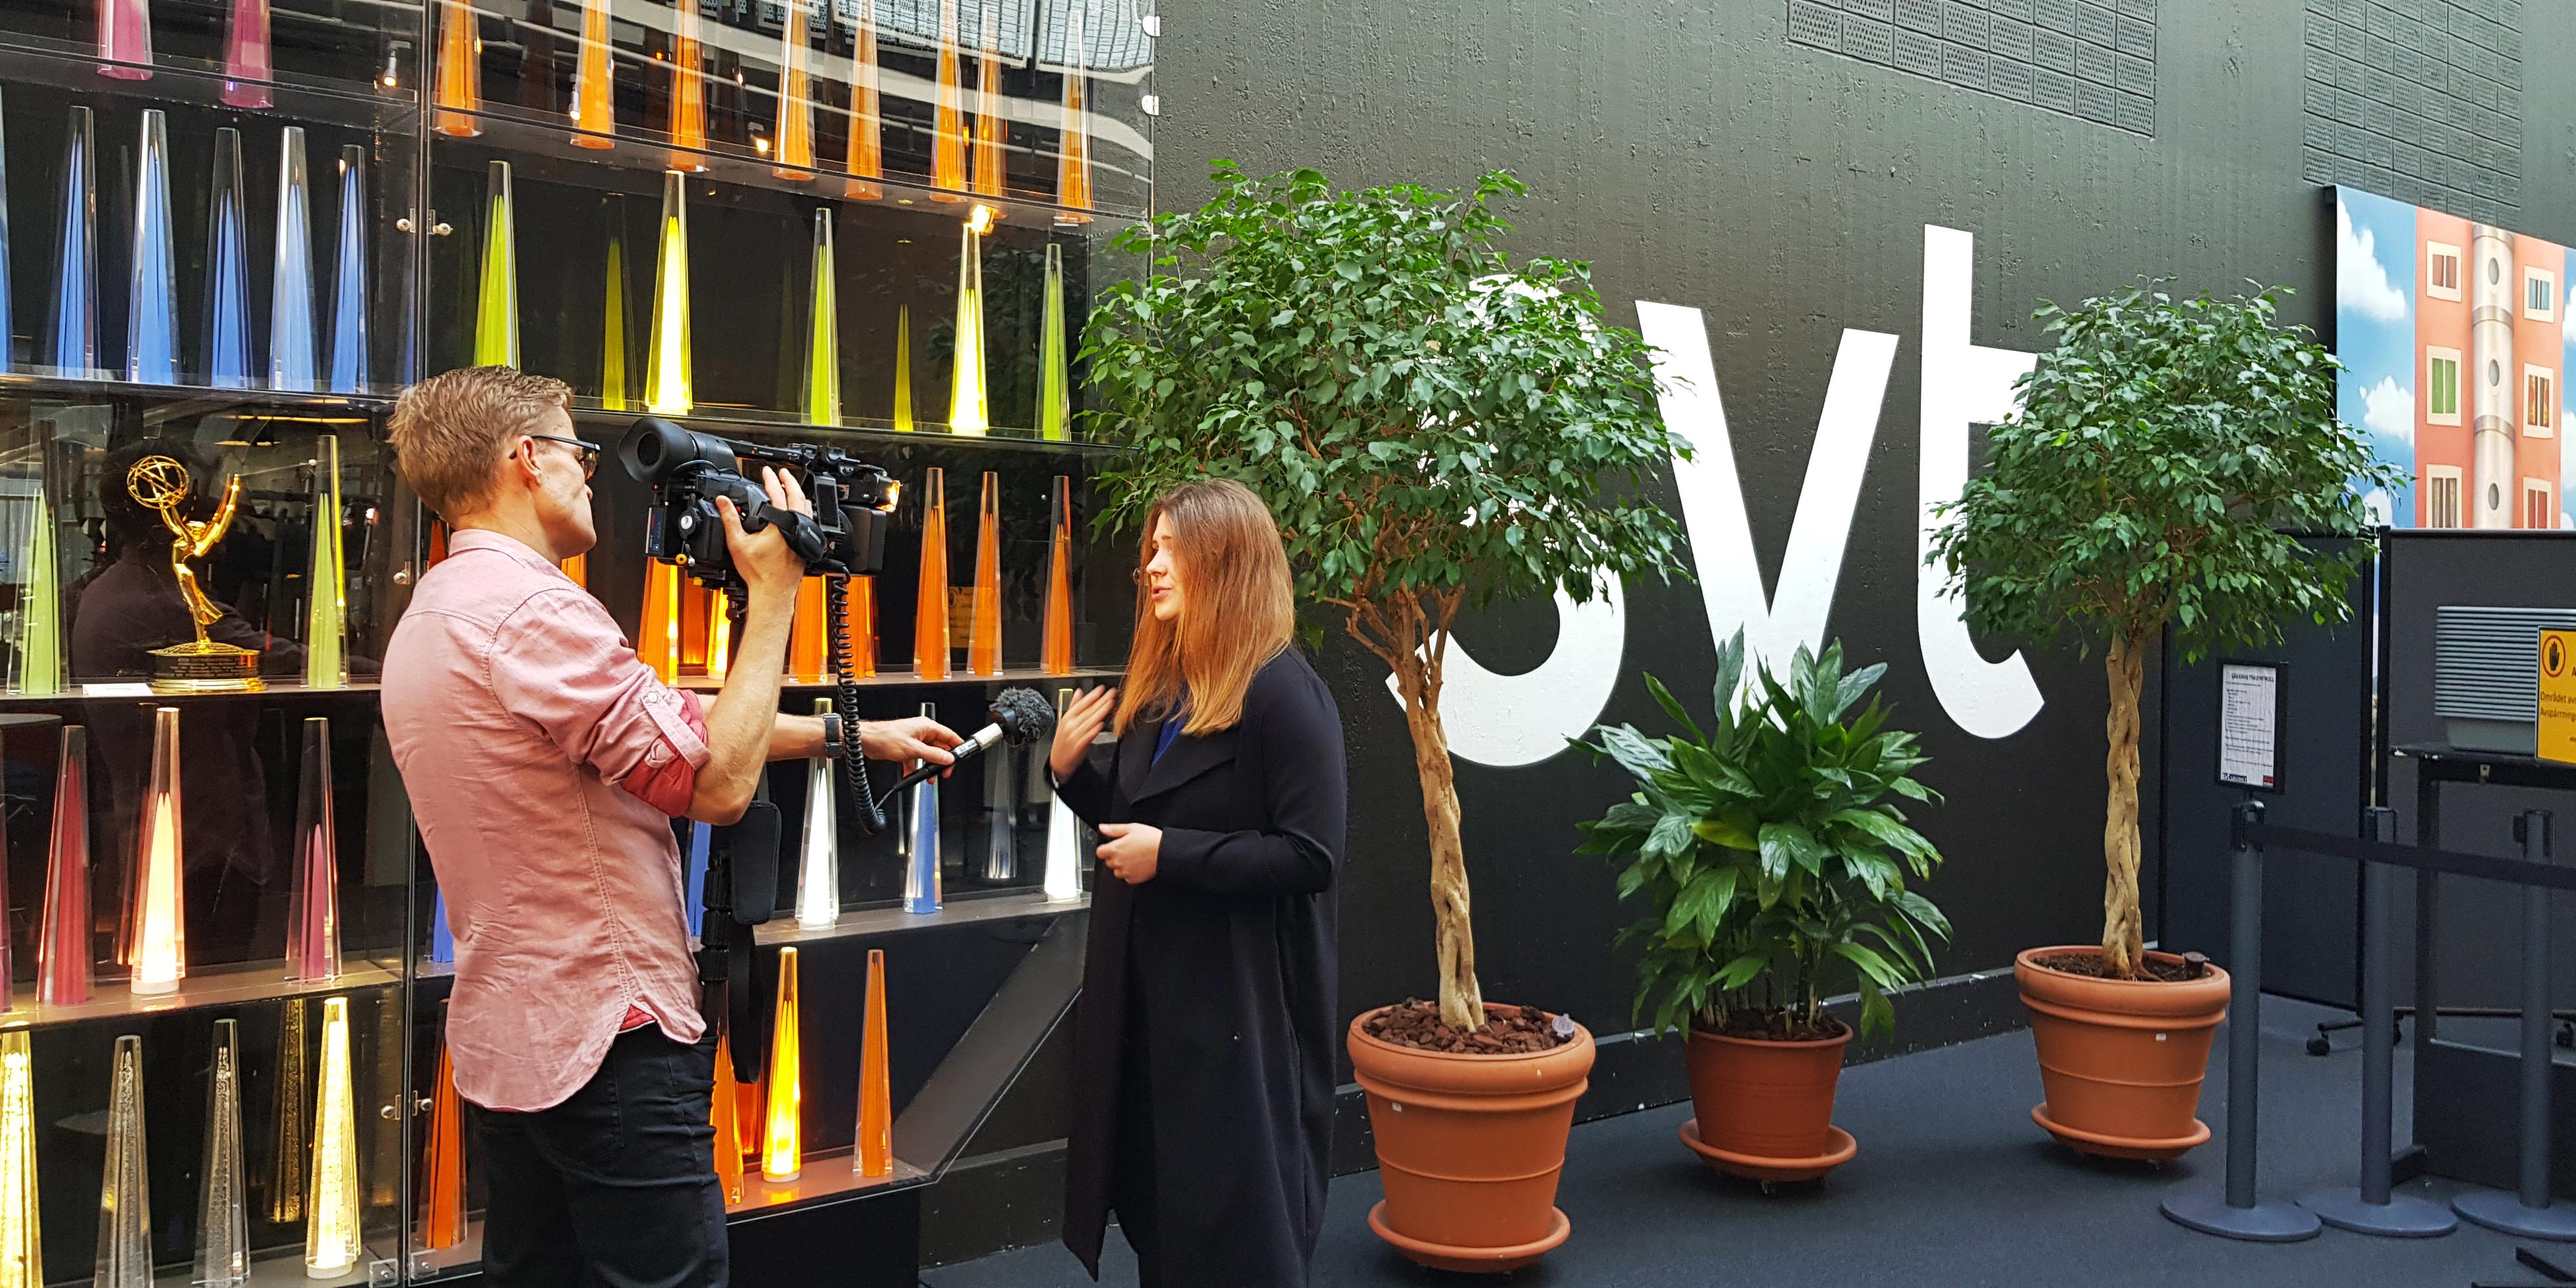 Unga Allergikers tidigare förbundsordförande Sofia Olsson blir intervjuad av en SVT reporter inne i SVT:s lokaler.